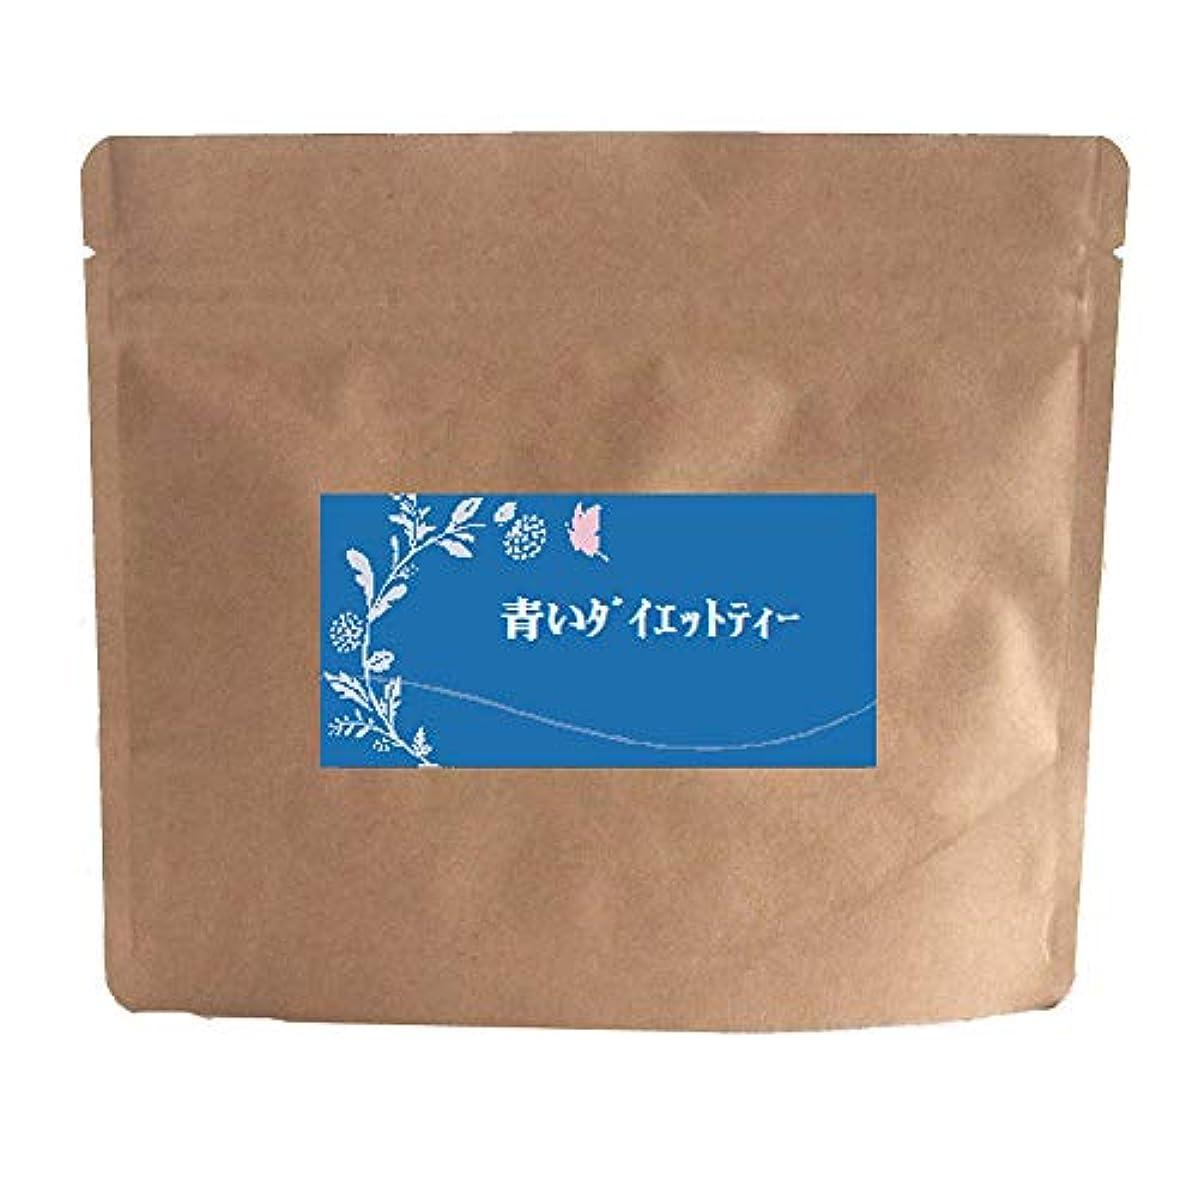 部族器官寛大な青いダイエットティー312g バタフライピー 難消化性デキストリン ダイエットドリンク 粉末 パウダー